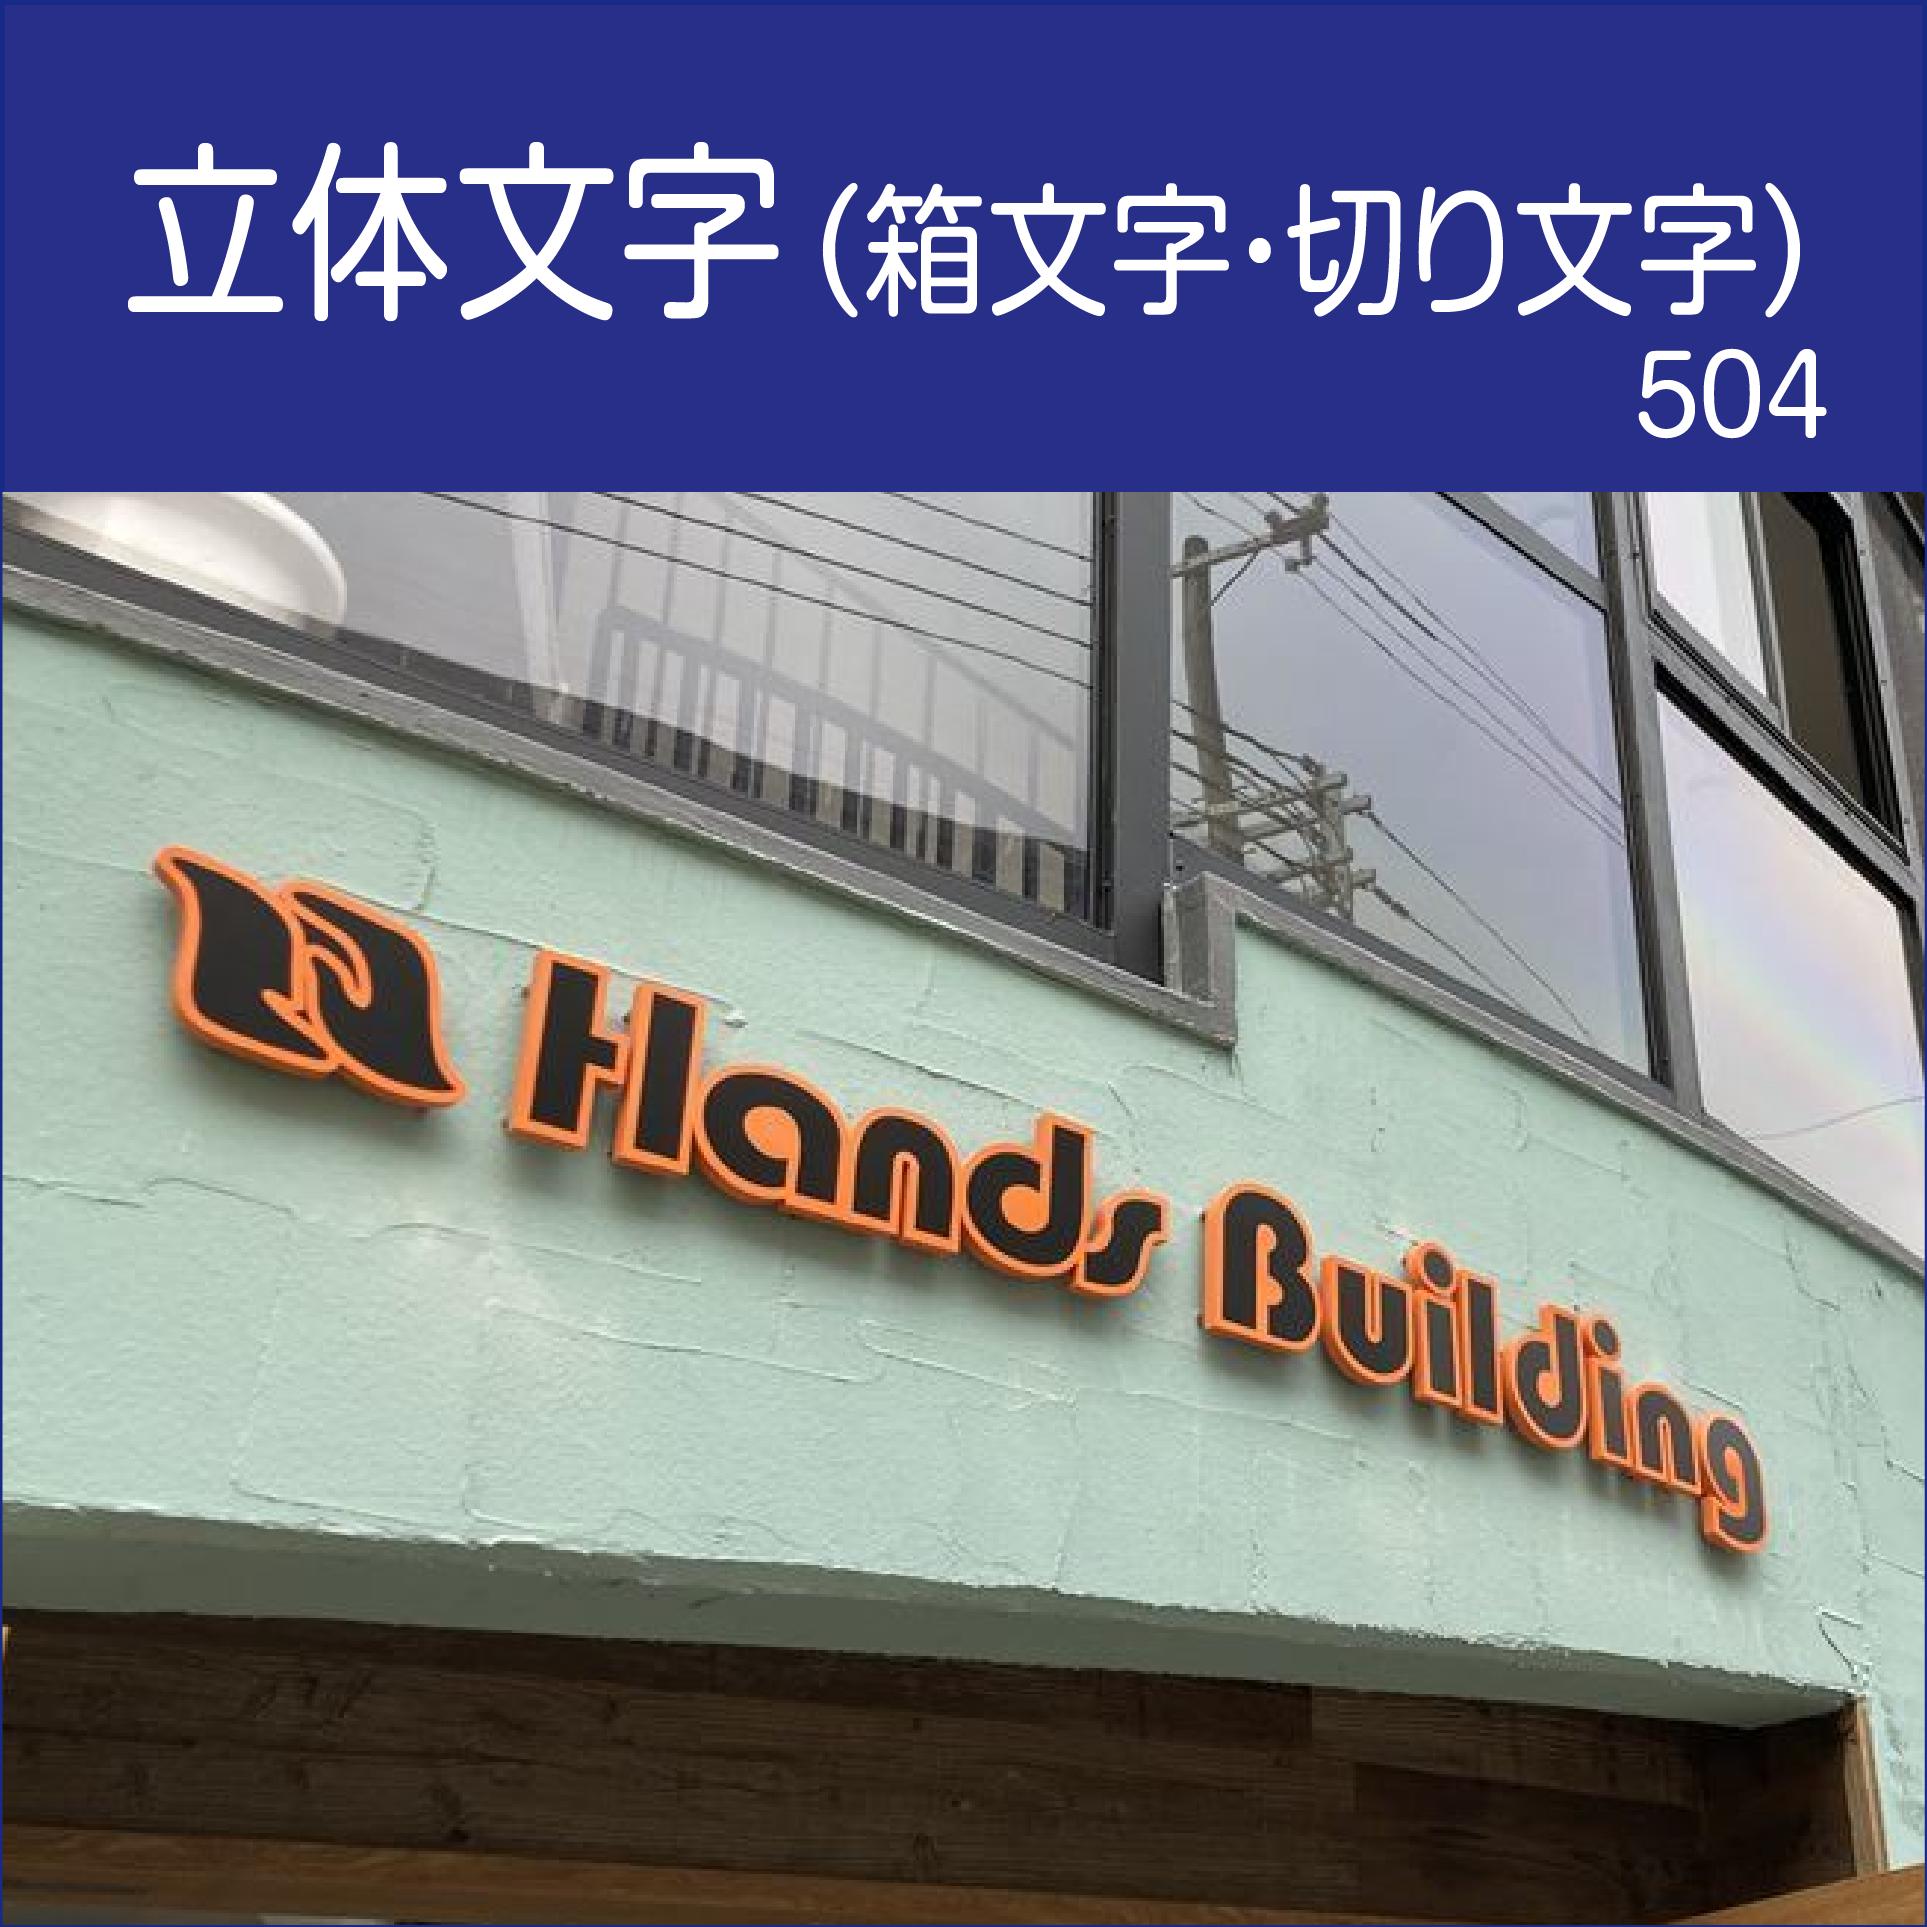 カフェのサイン オシャレな店舗です